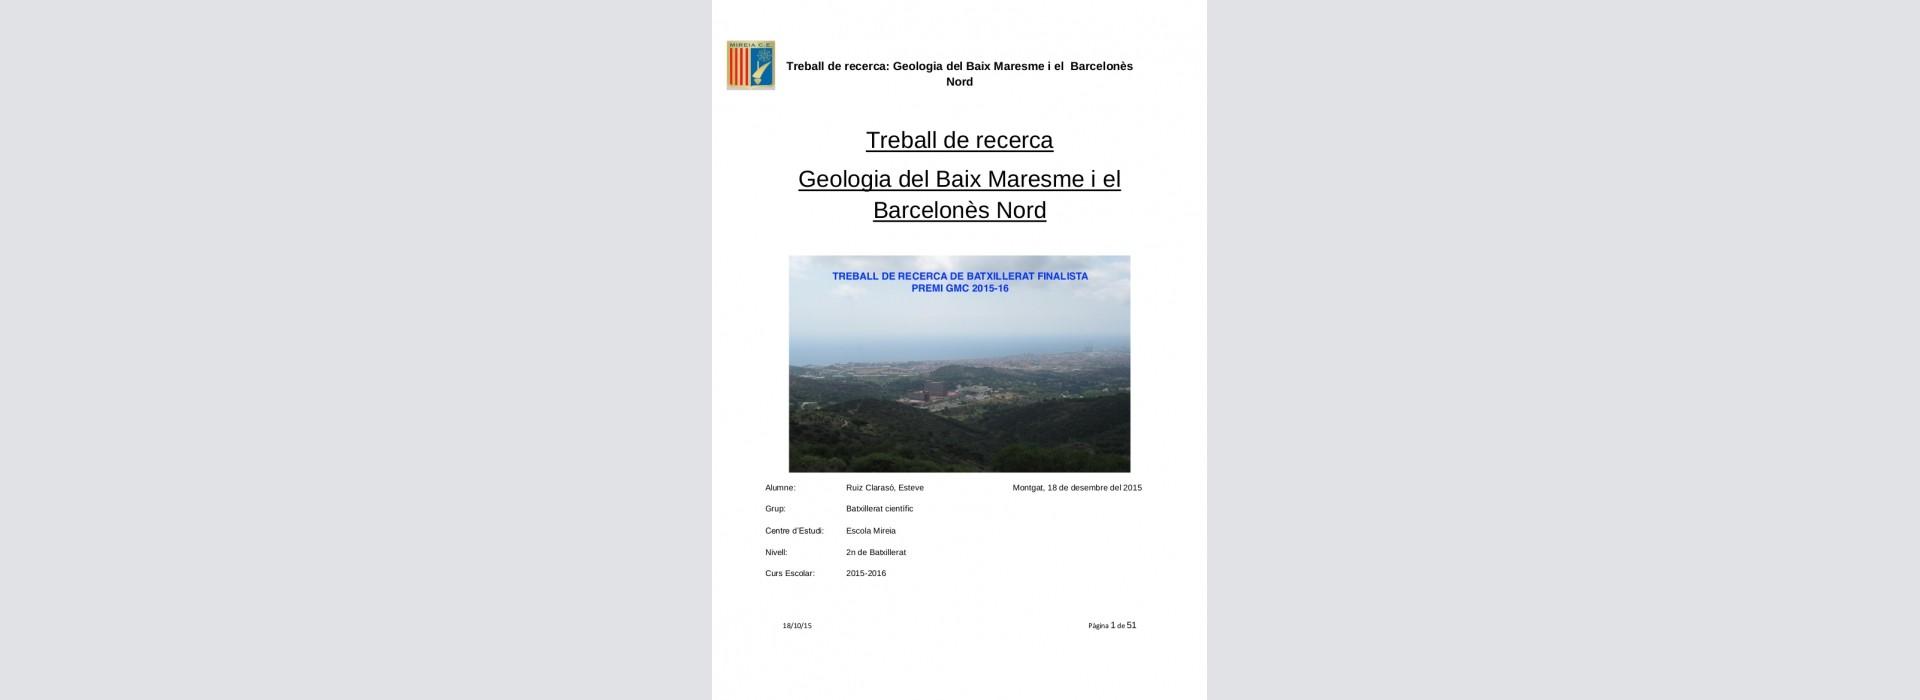 Premio GMC 2018-2019 a trabajos de investigación de bachillerato